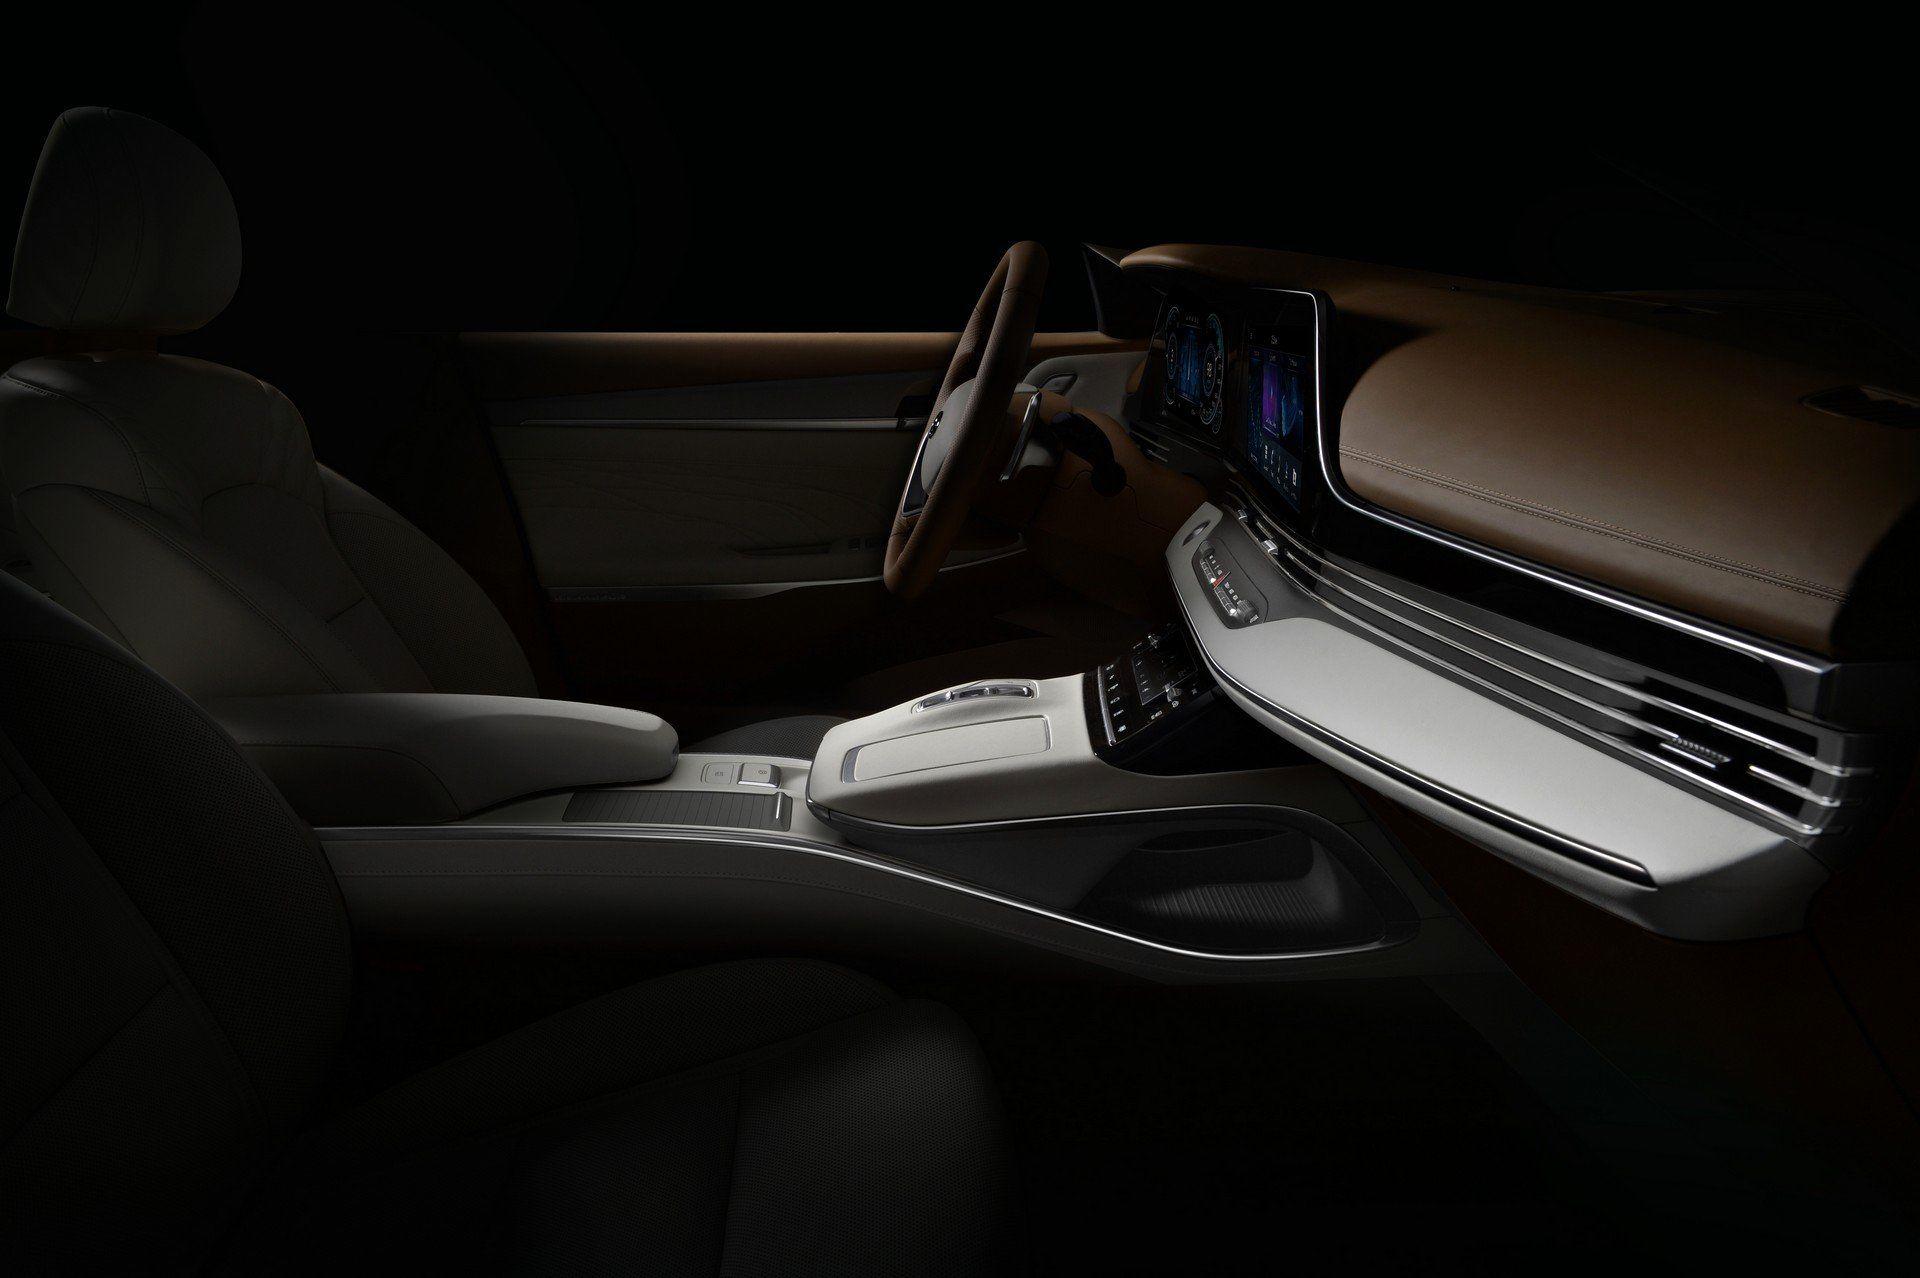 انتشار تصاویر از خودرو Azera 2020 هیوندا +تصاویر